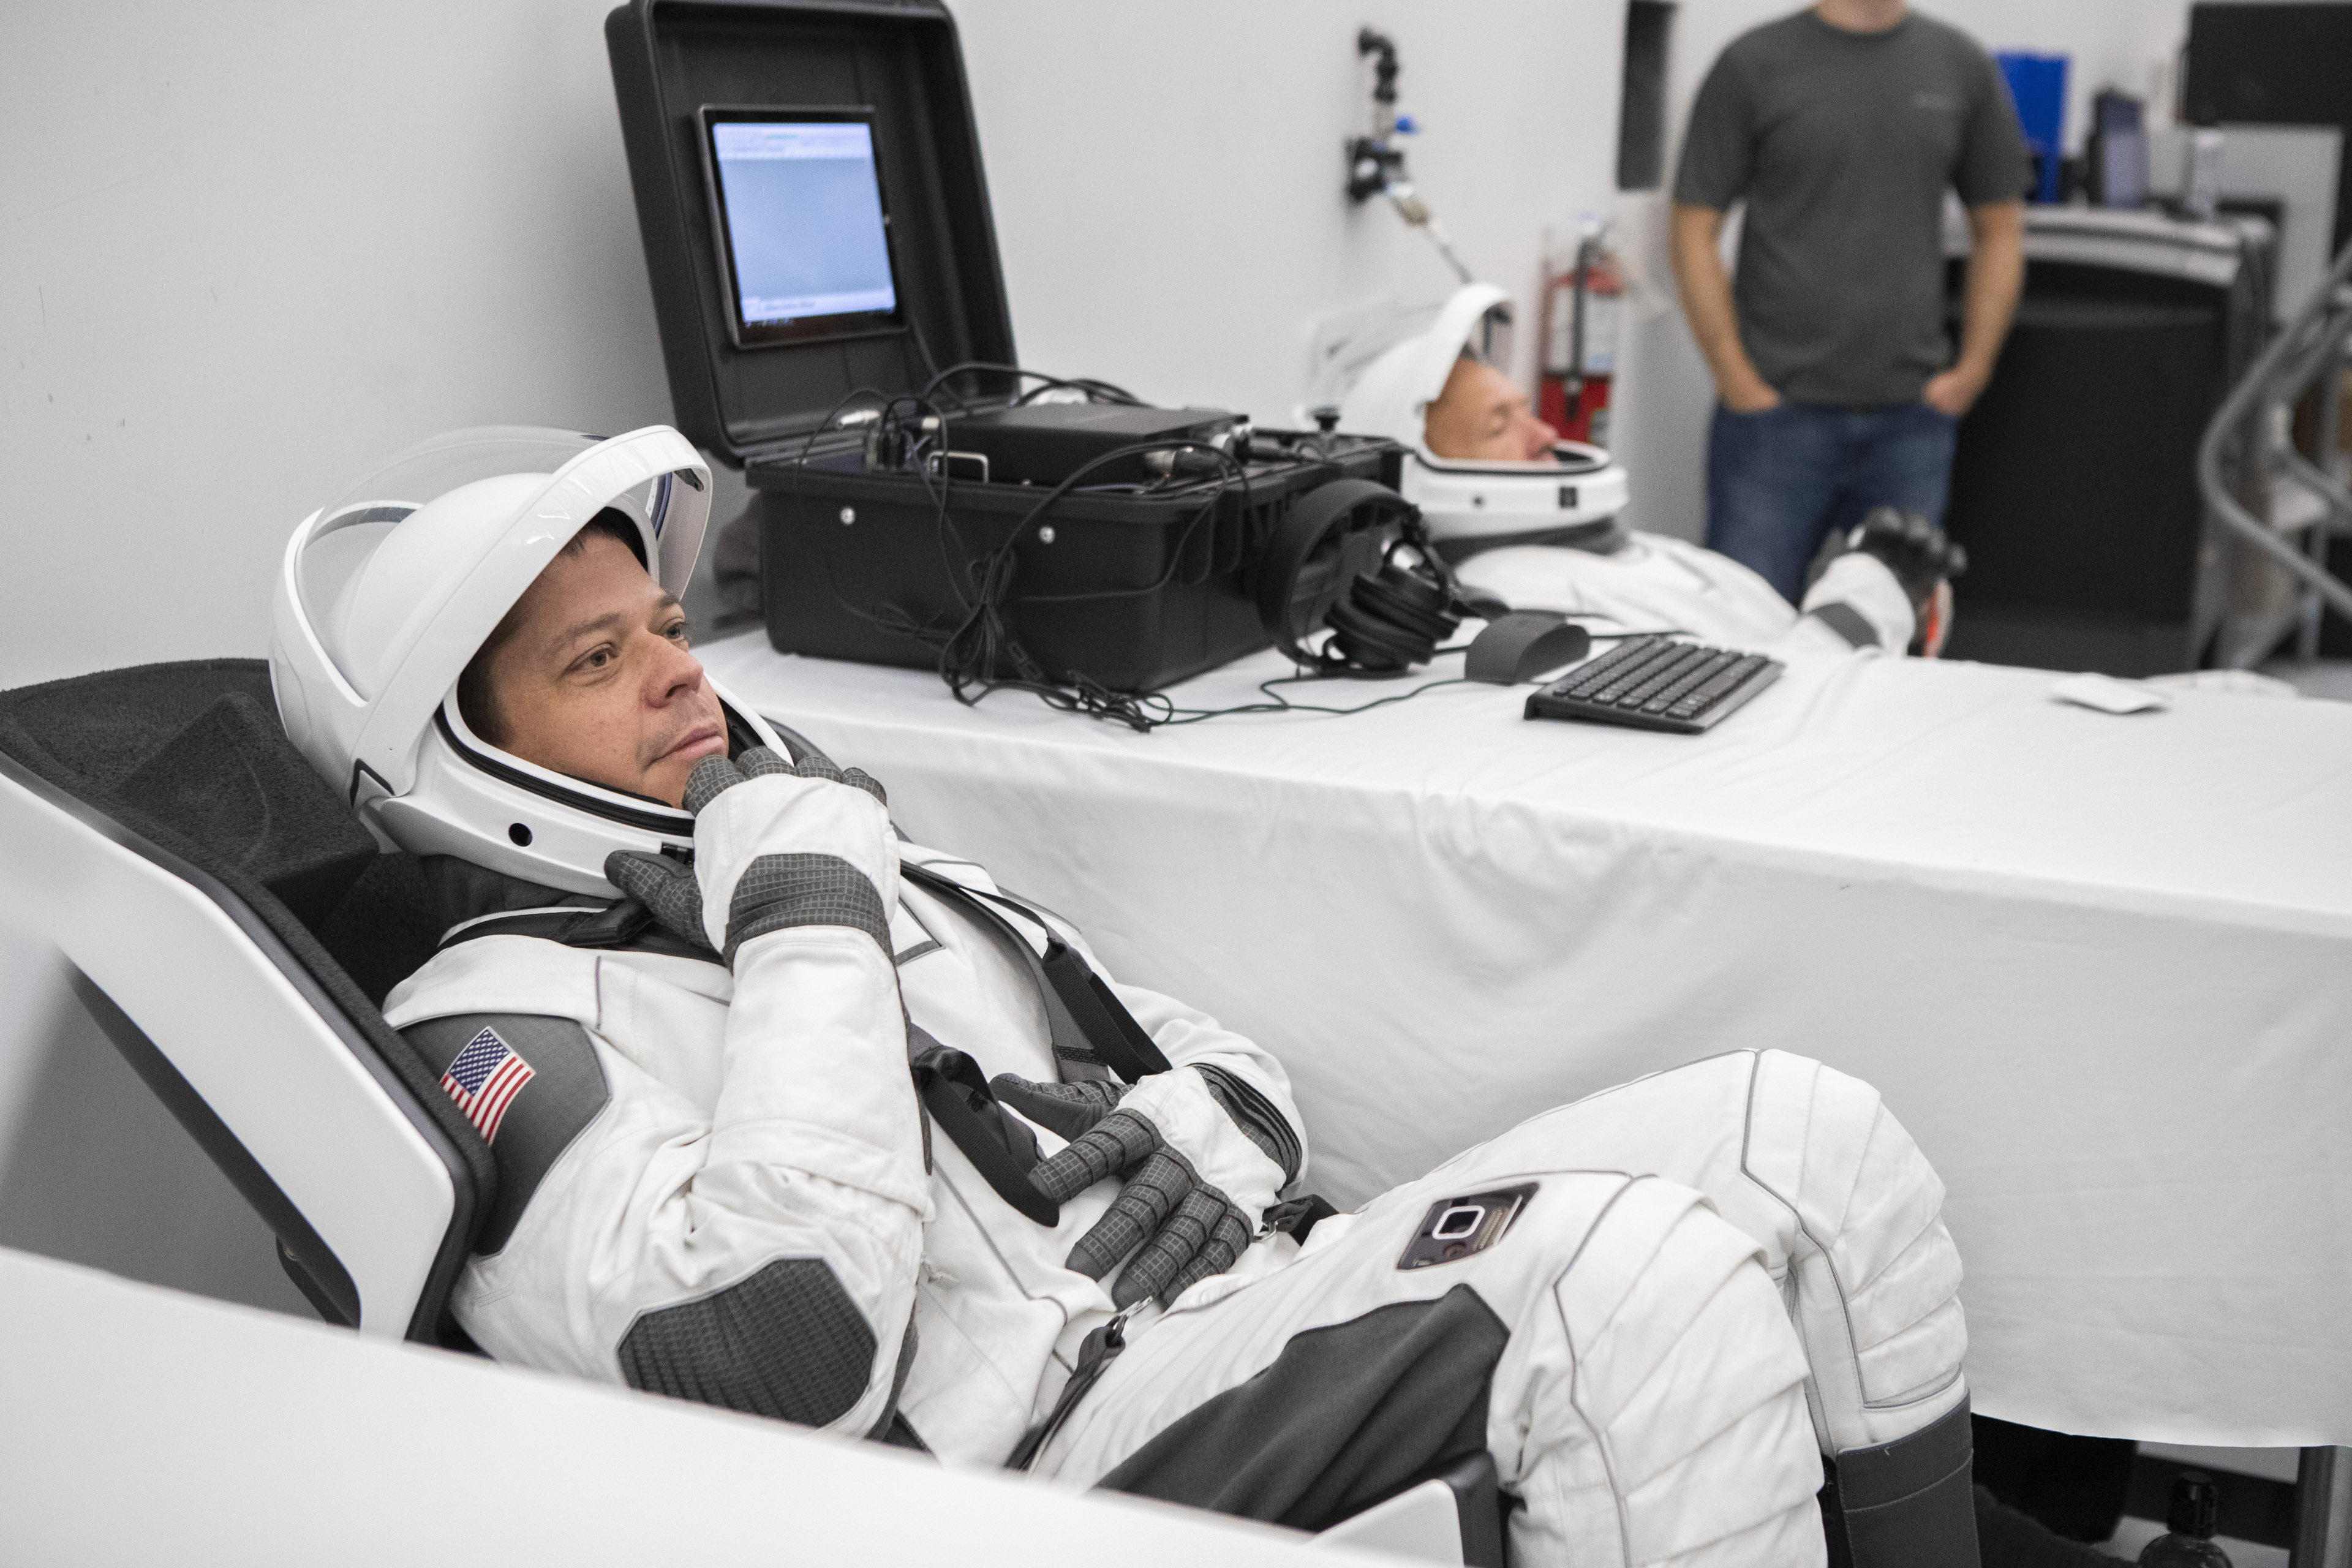 NASA. Primele Poze UIMITOARE cu Noile Costume pentru ASTRONAUTI spacex